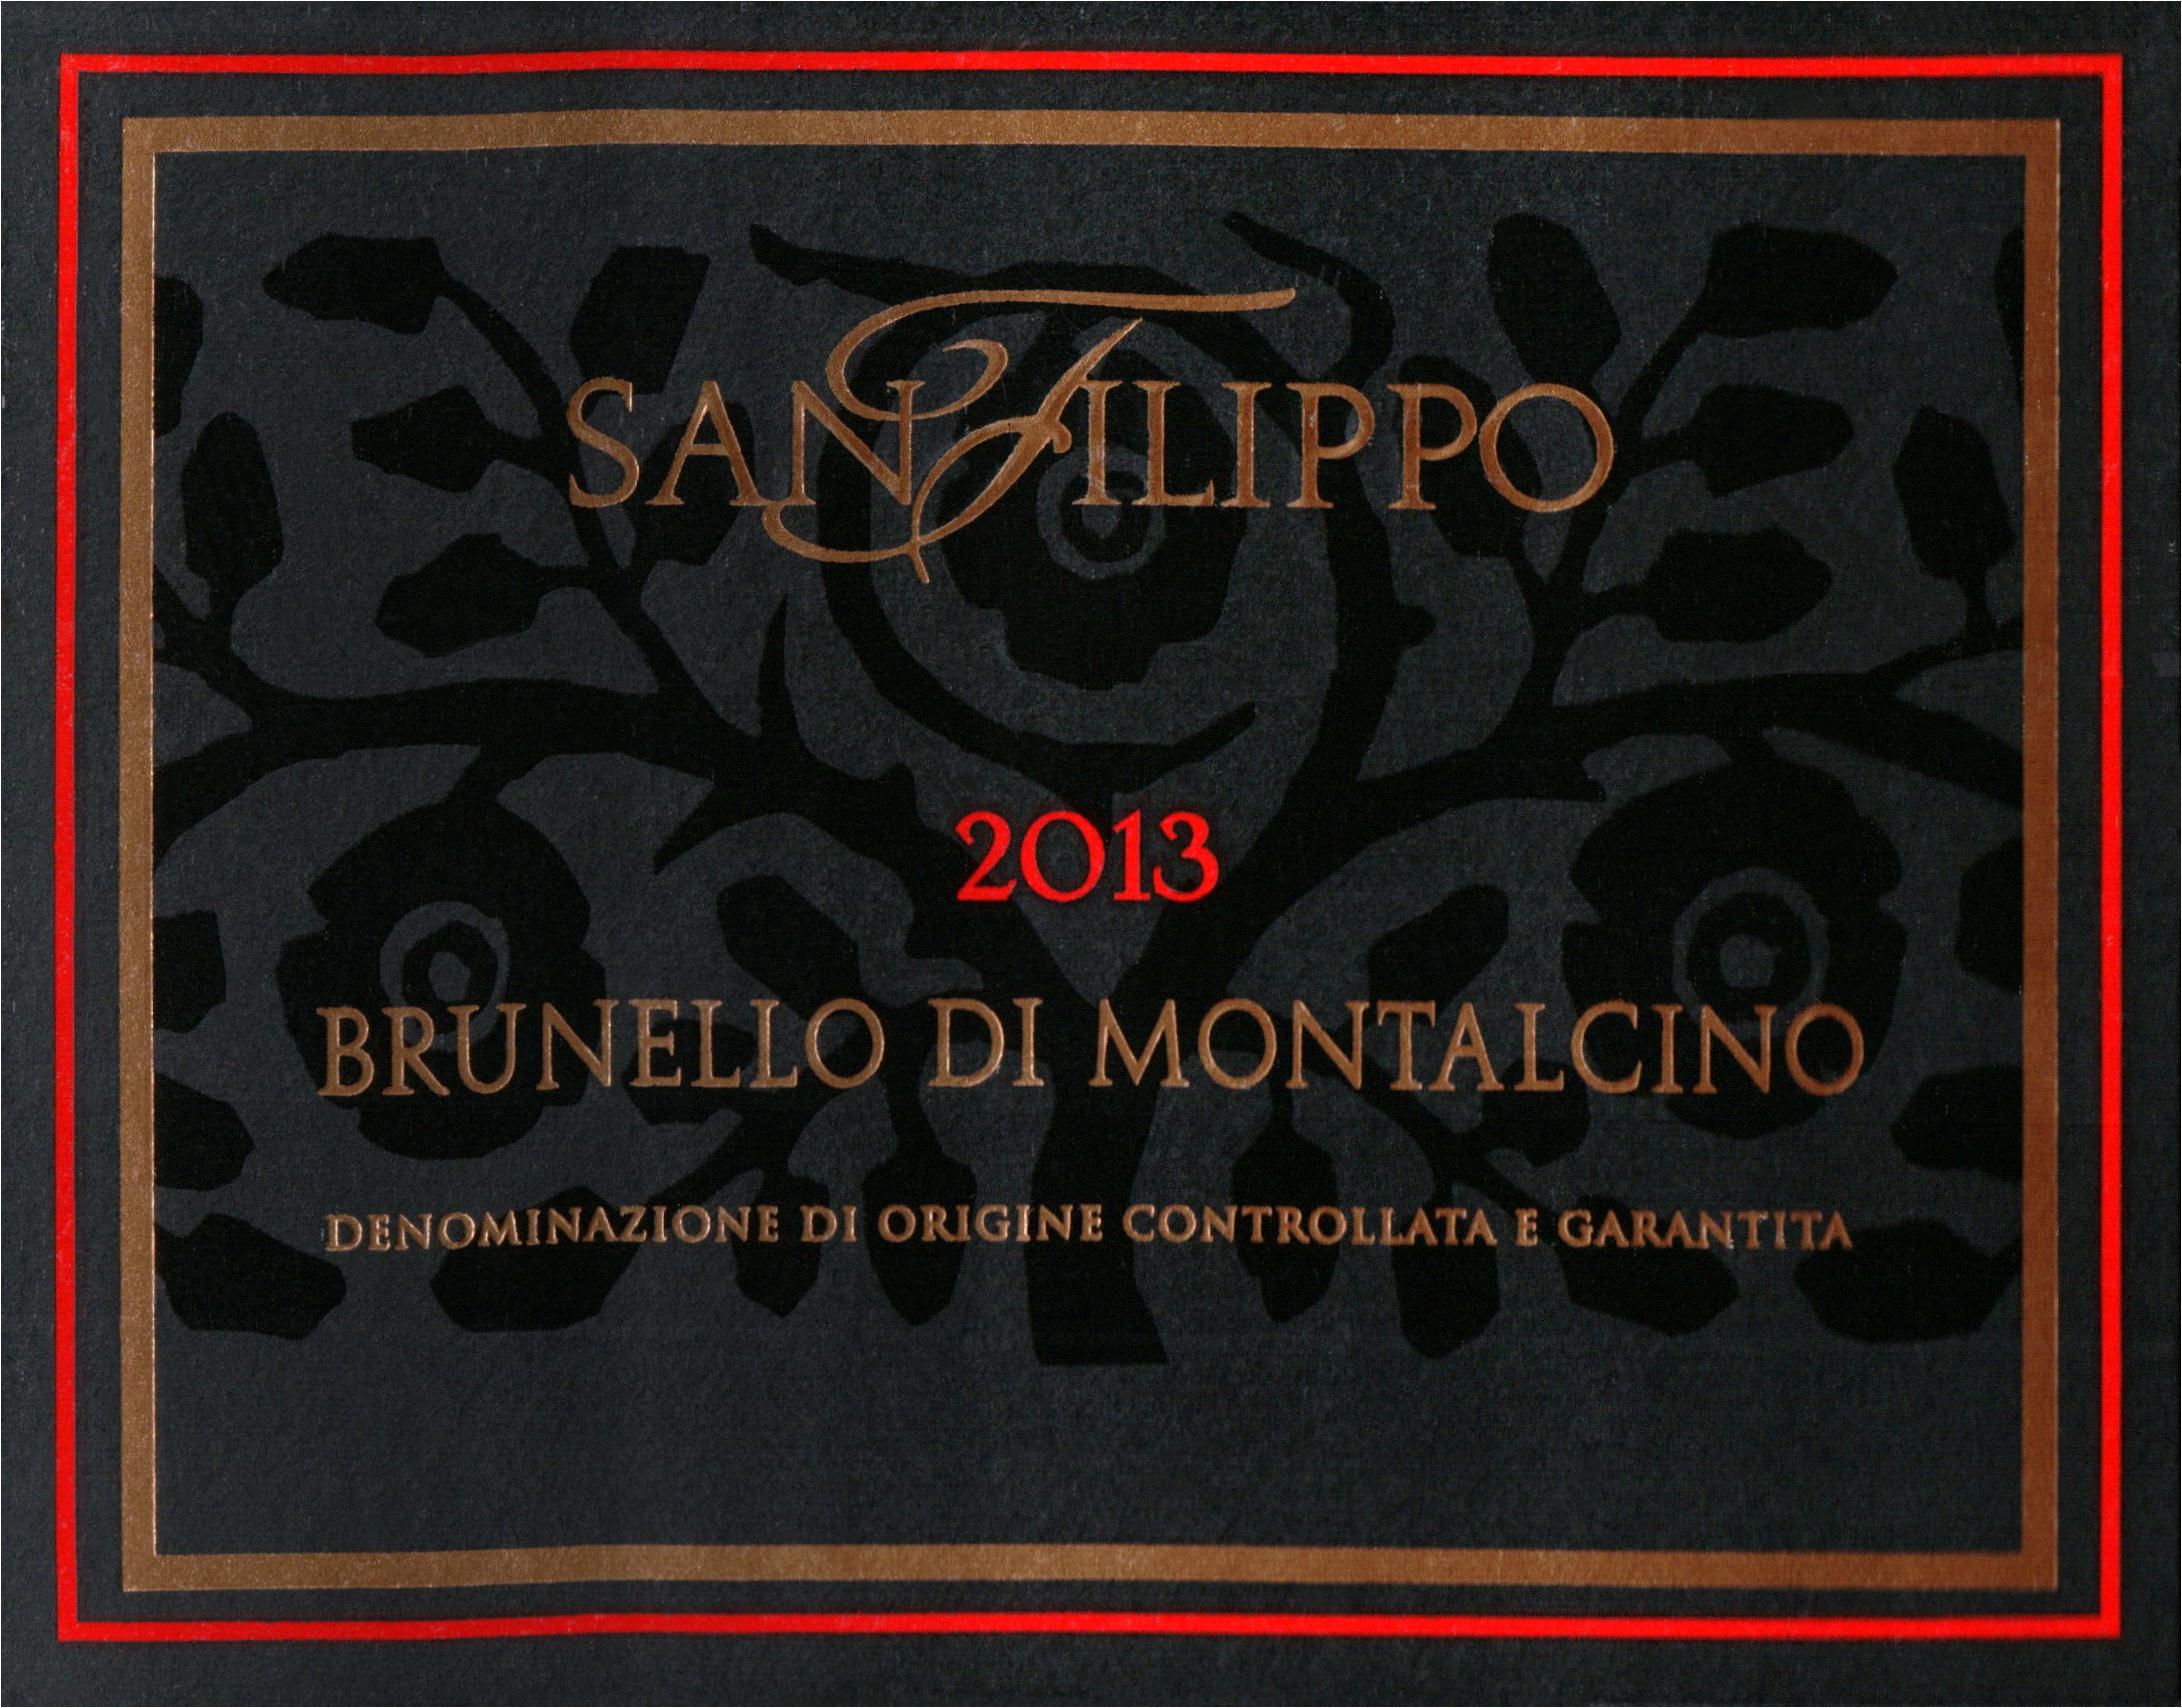 San Filippo Brunello Di Montalcino 2013